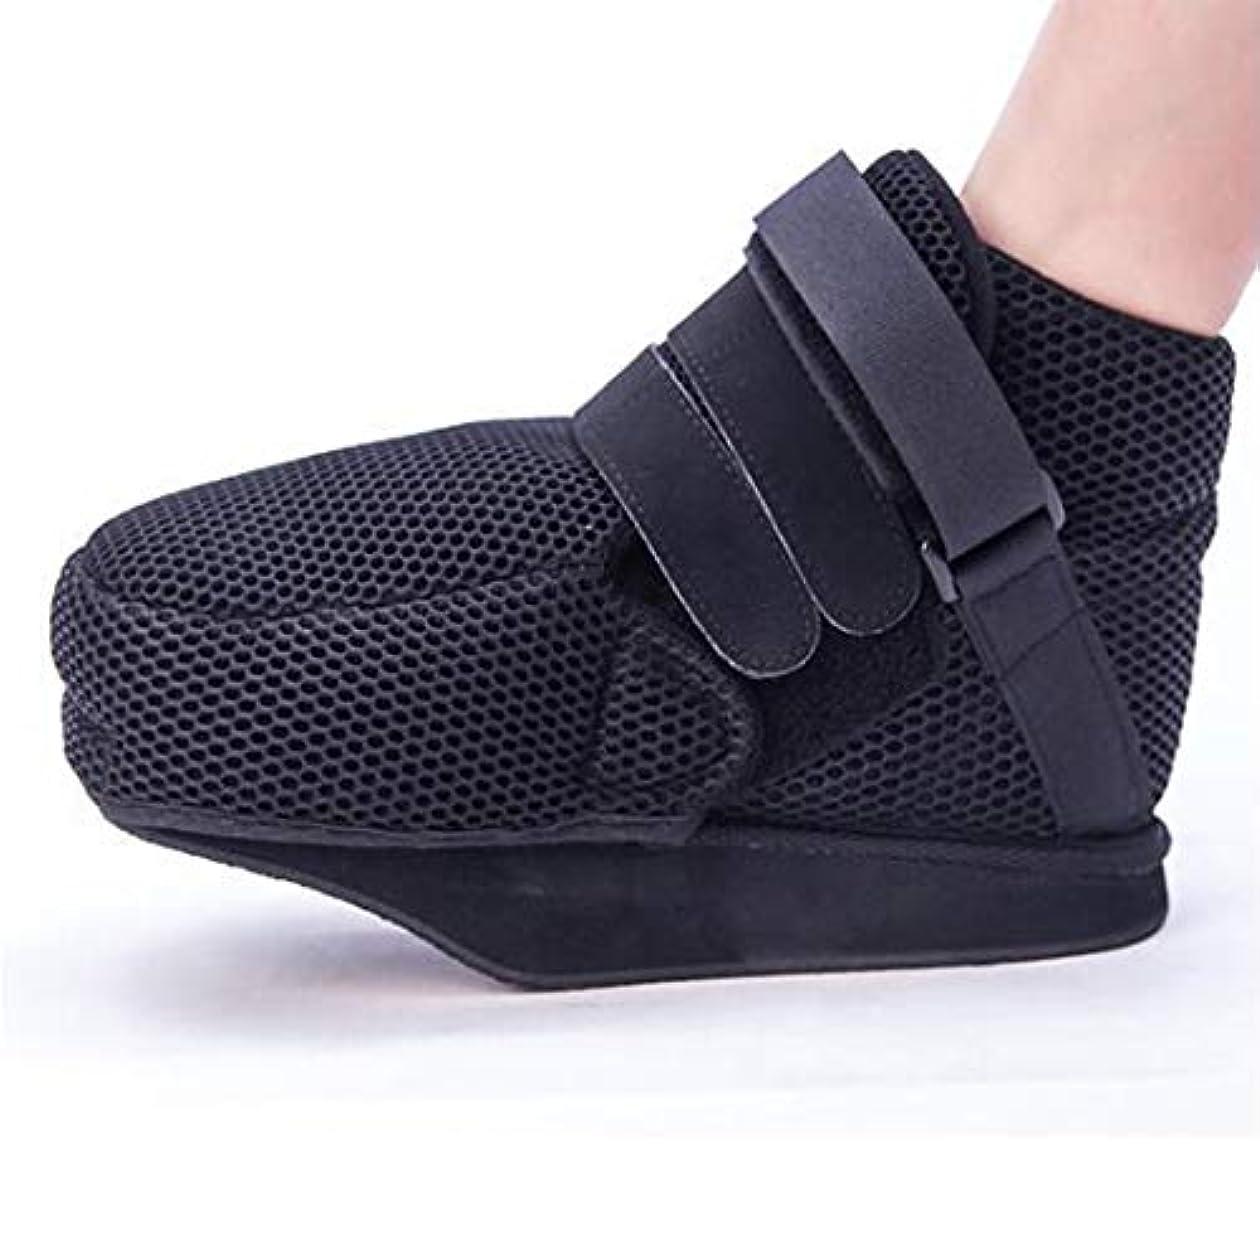 医療足骨折石膏の回復靴の手術後のつま先の靴を安定化骨折の靴を調整可能なファスナーで完全なカバー,S24cm